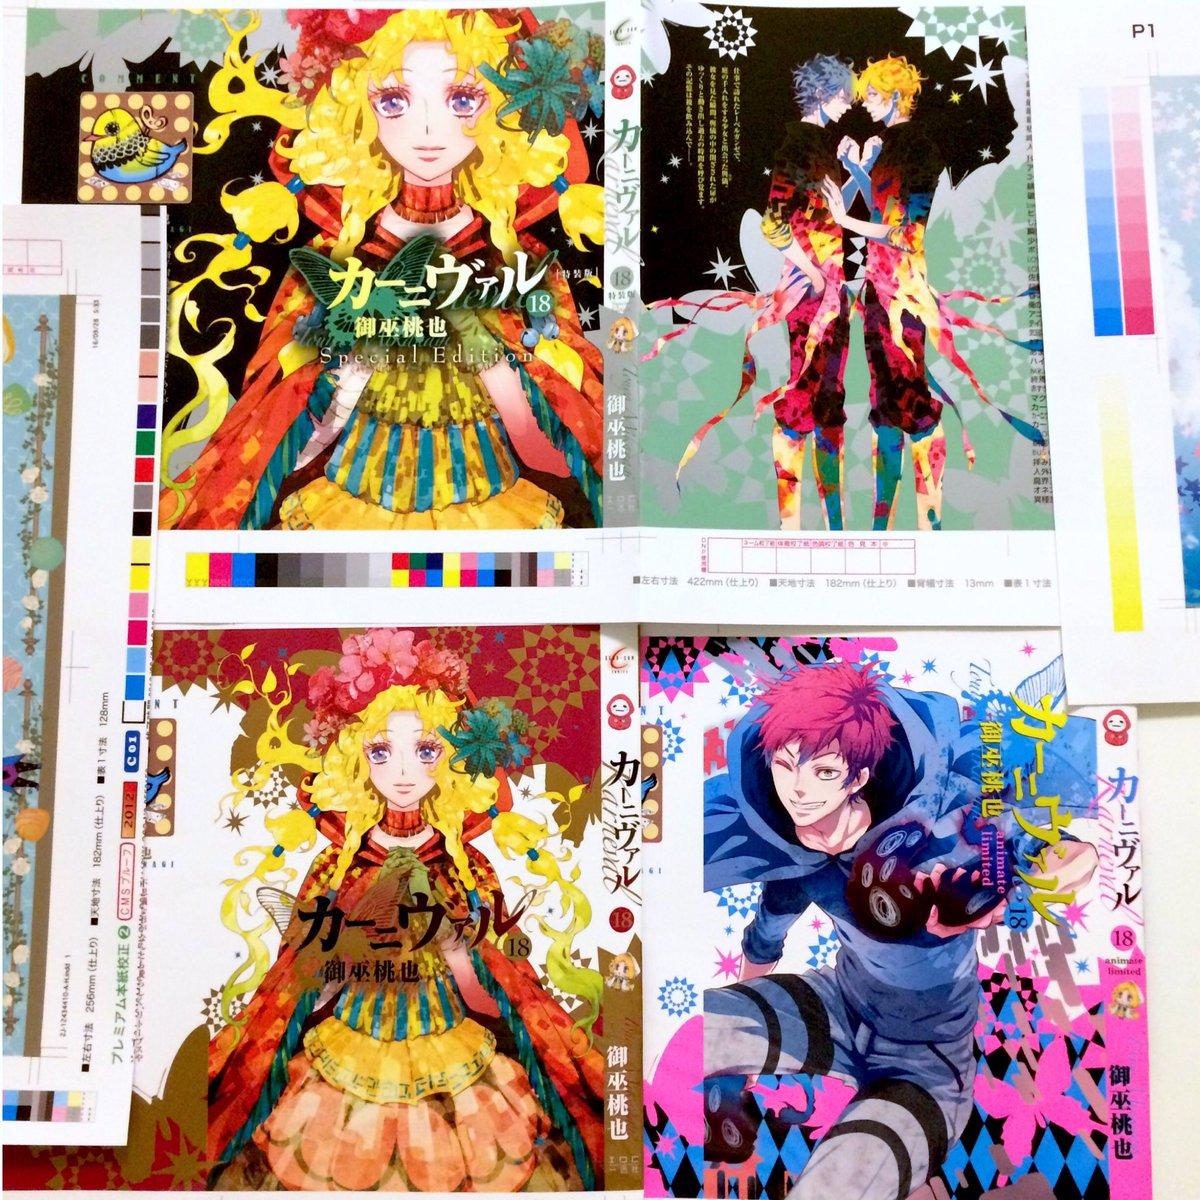 カーニヴァル コミックス第18巻には3種類のバージョンがあります。写真上が小冊子付き特装版/左下が通常版/右下の朔(少年